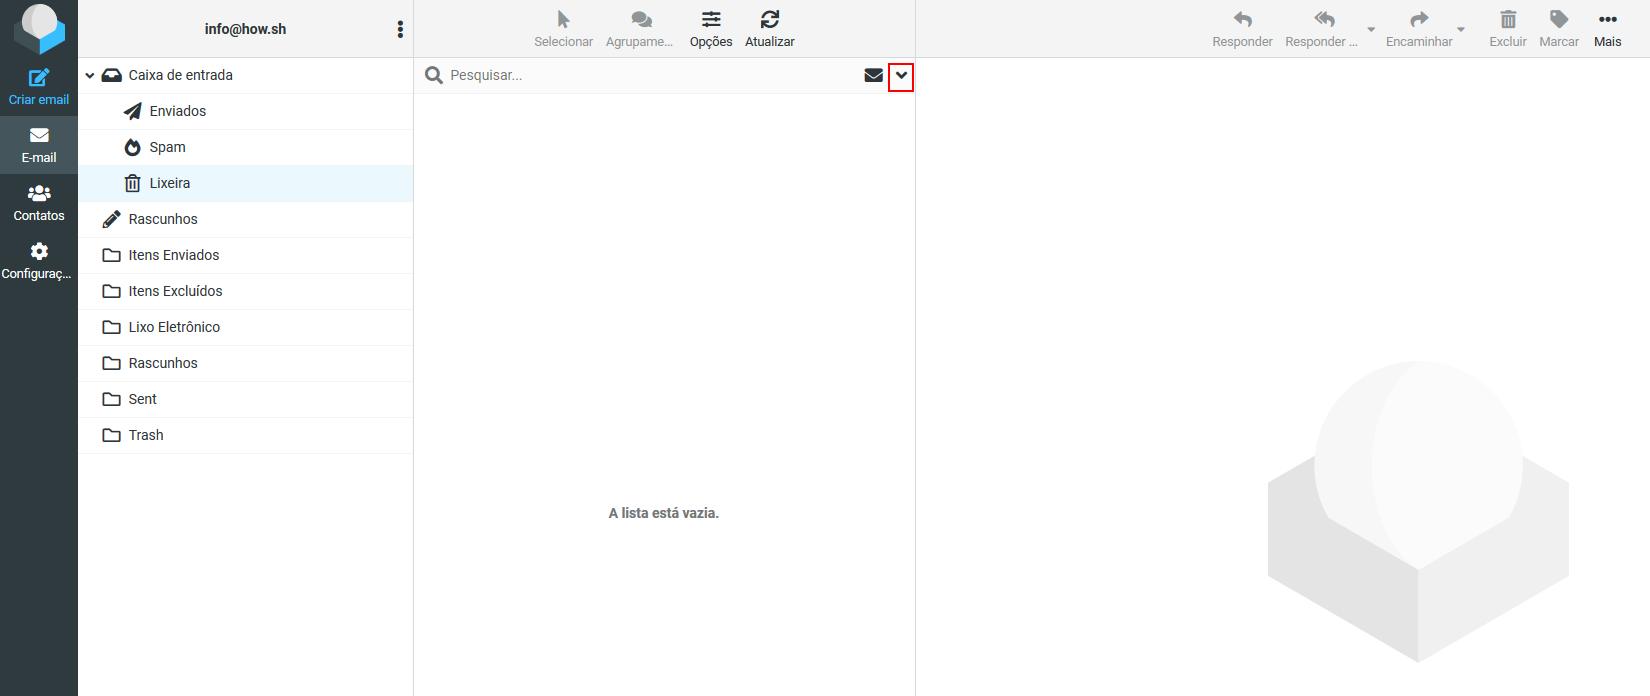 Imagem para mostrar onde a pequena seta está localizada para expandir as opções de pesquisa avançada com o propósito de mostrar como pesquisar mensagens de email no RoundCube.